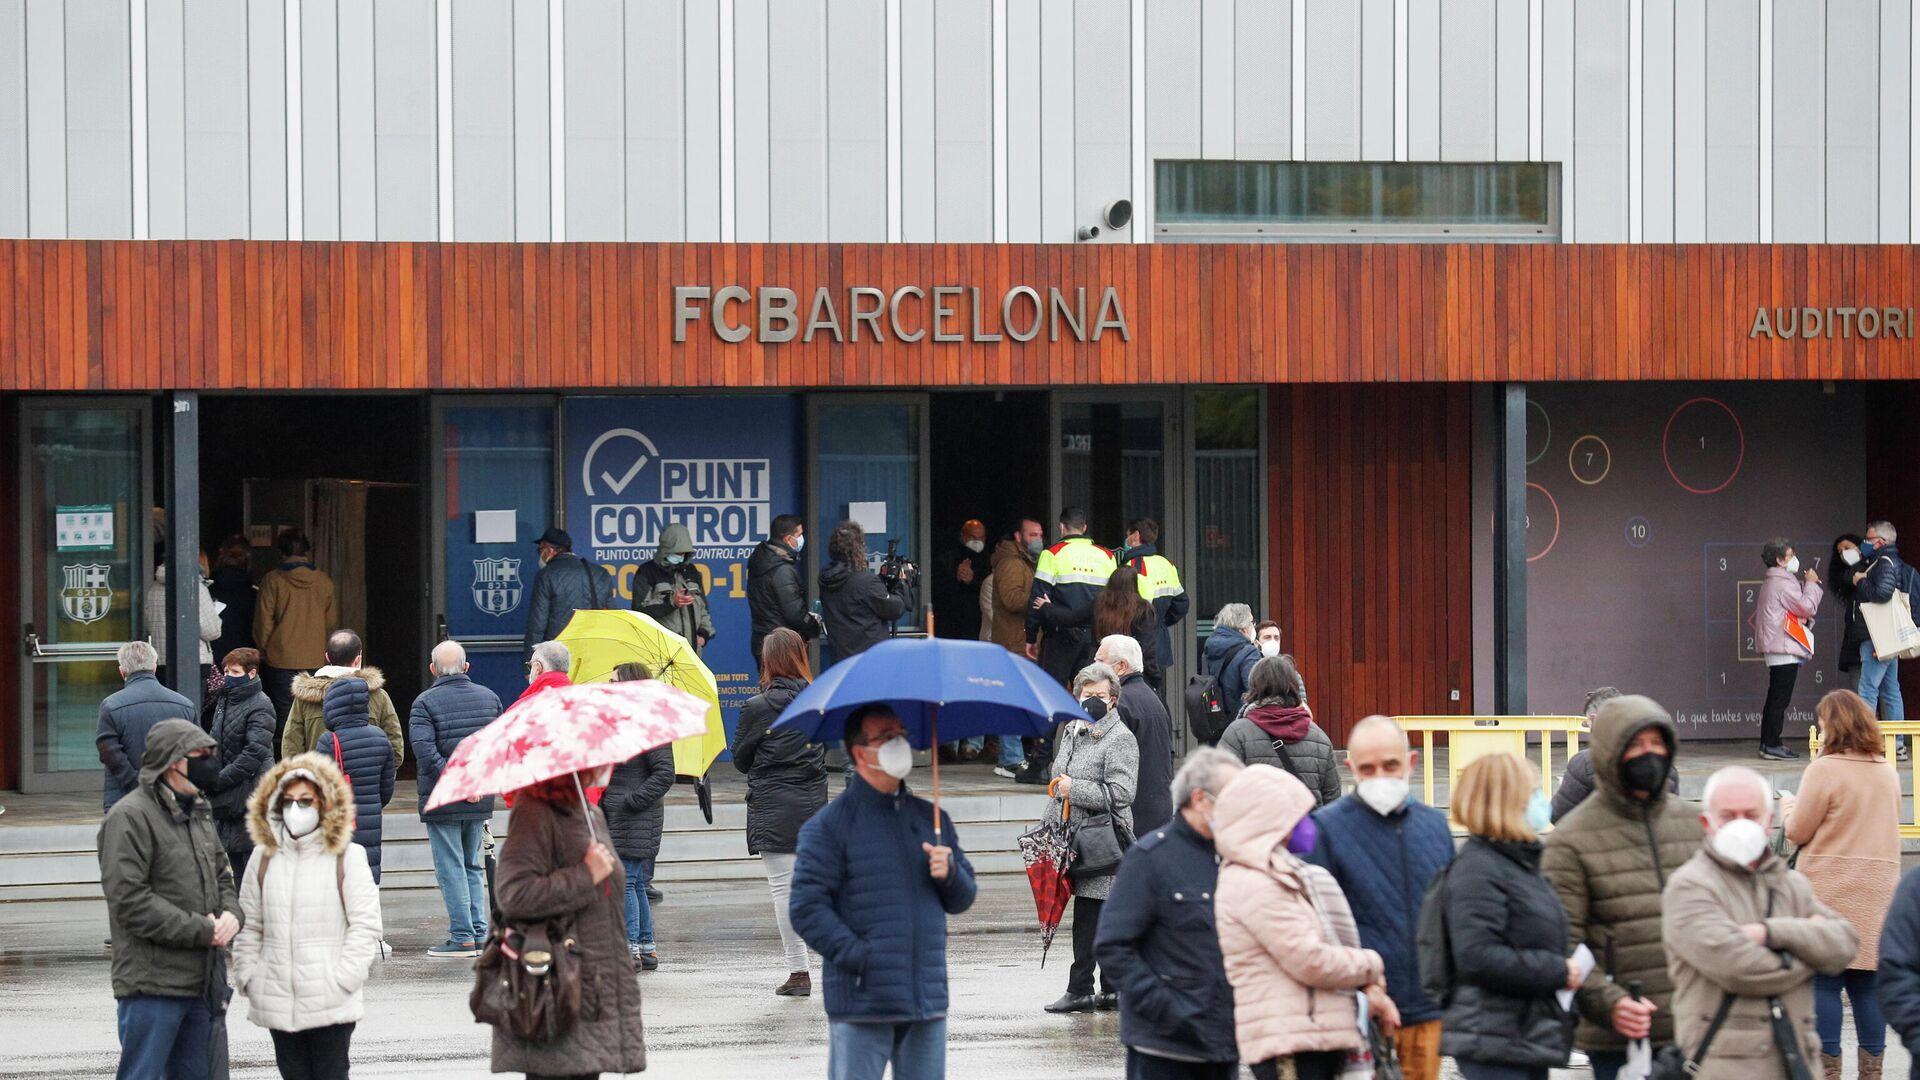 Los catalanes haciendo cola para votar en las elecciones parlamentarias, Barcelona, el 14 de febrero - Sputnik Mundo, 1920, 01.03.2021